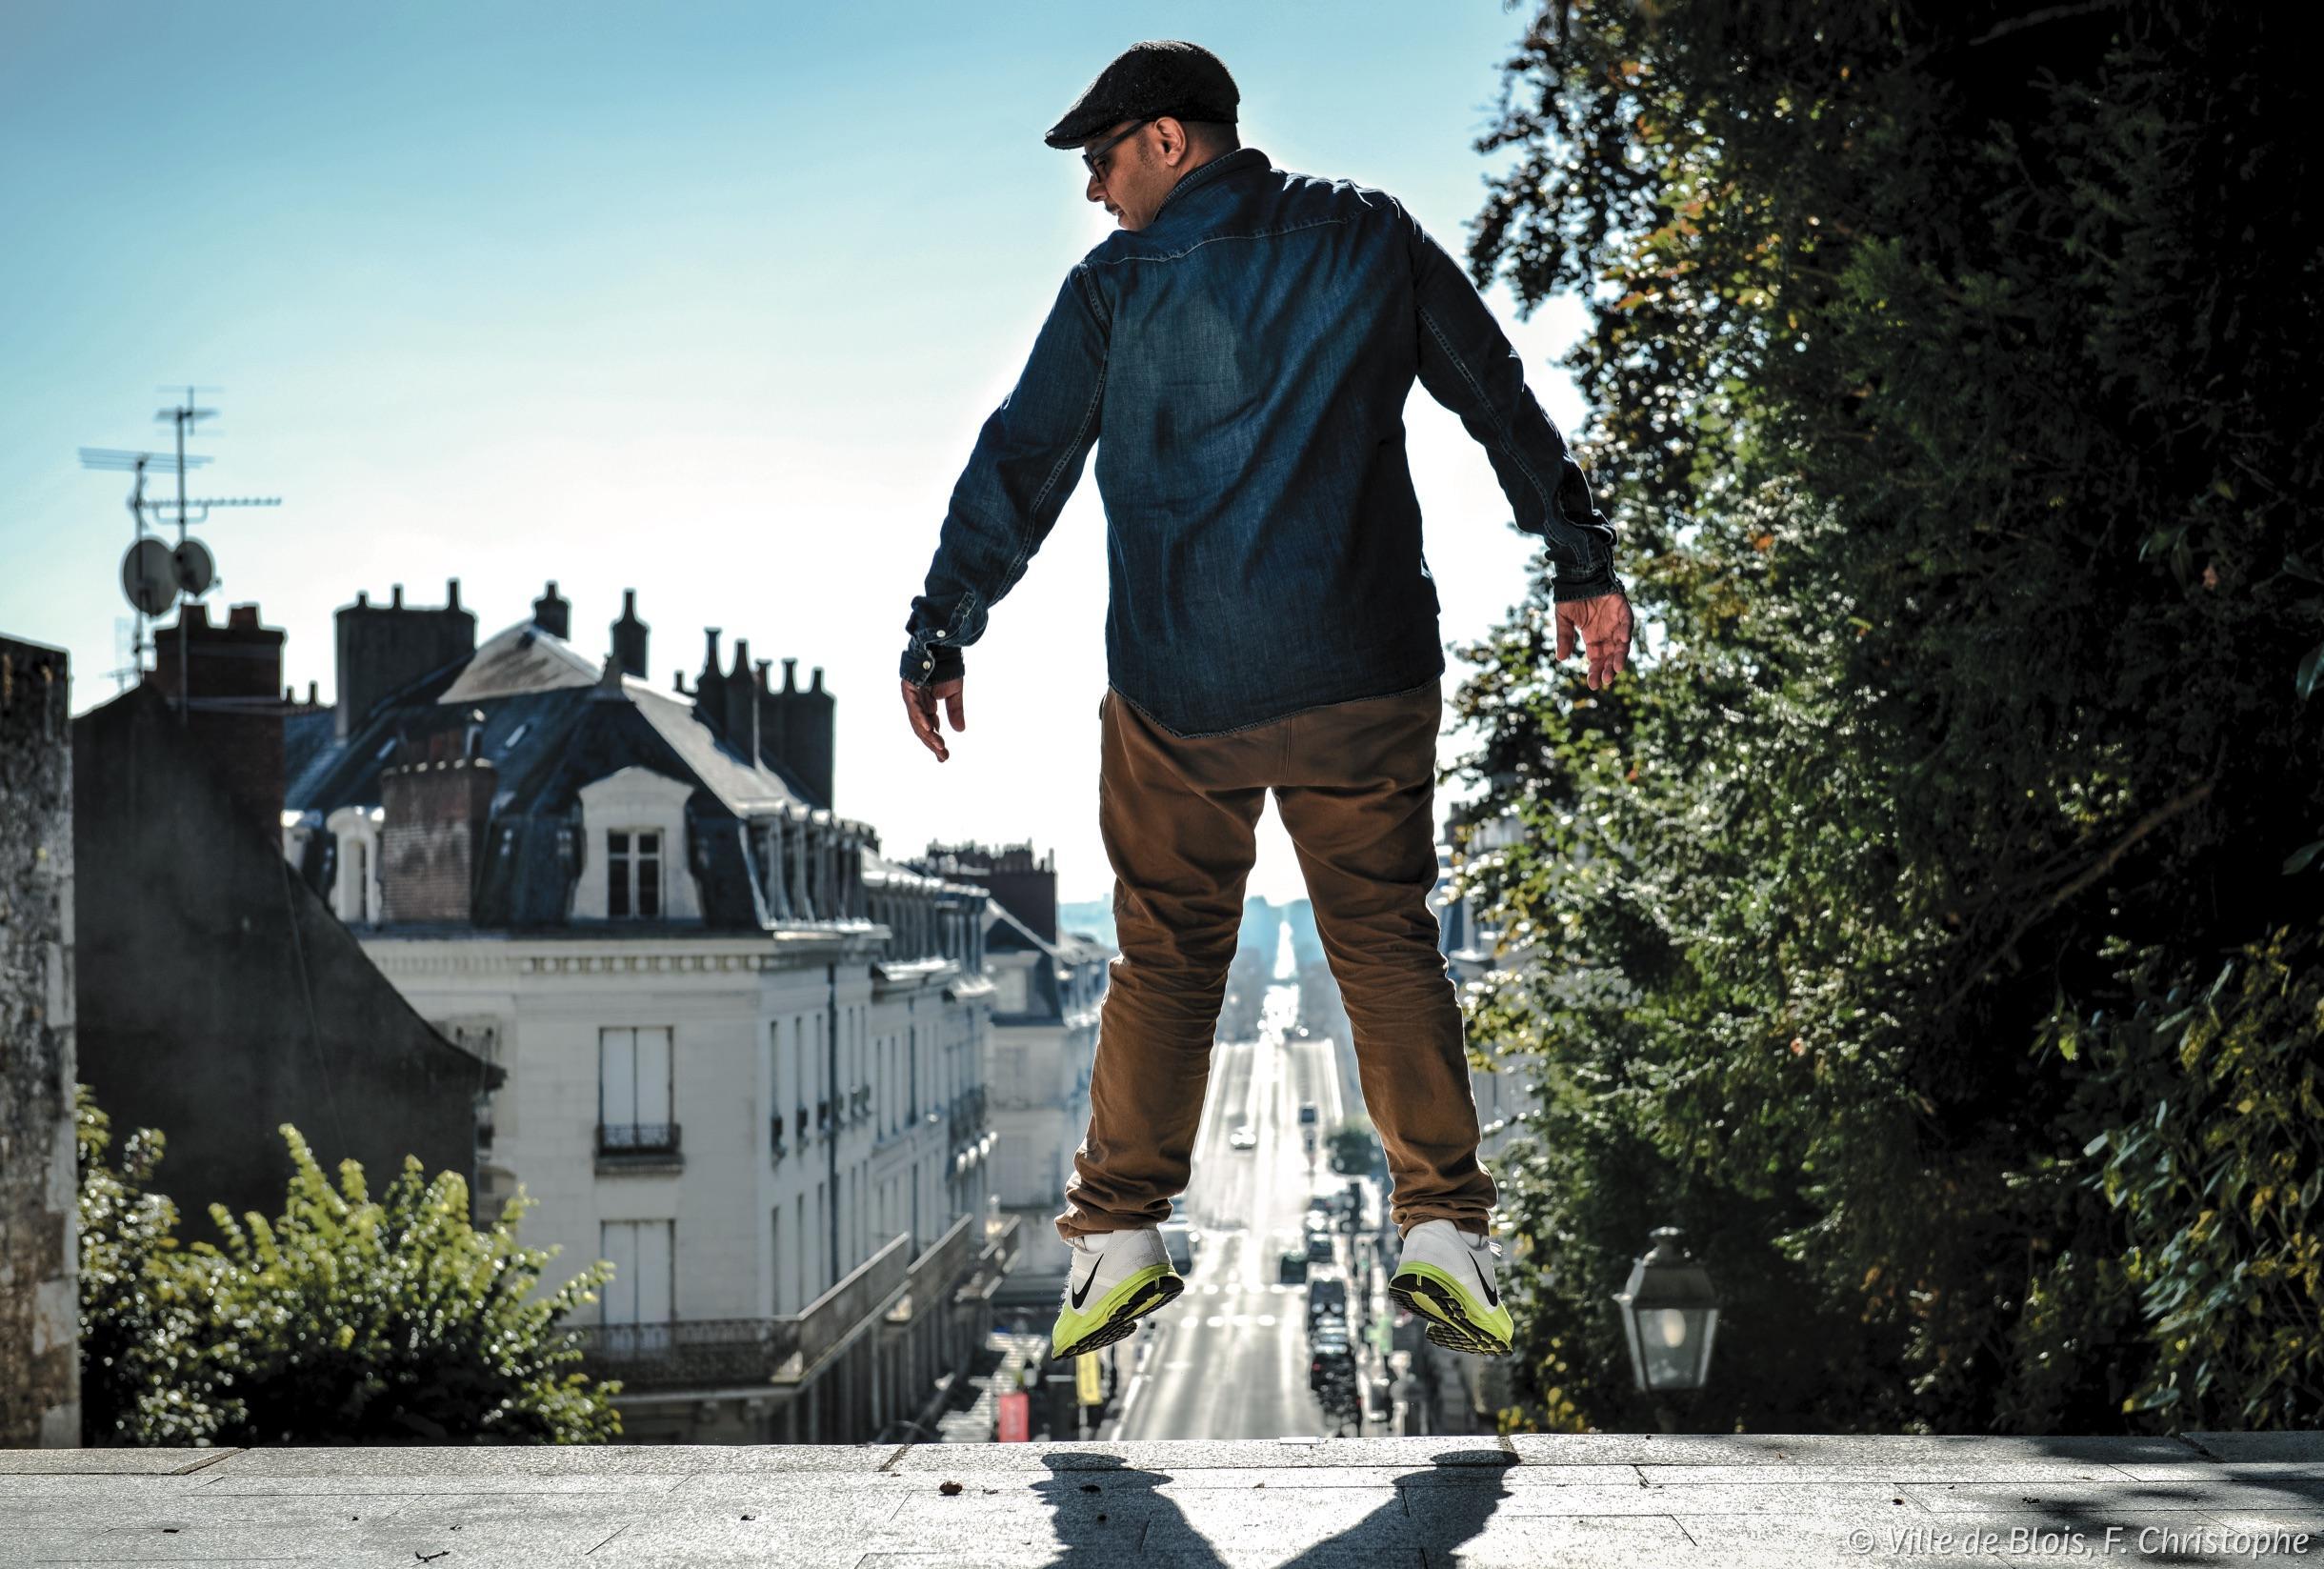 Du haut de l'escalier, une personne saute, laissant entrevoir entre ses jambes la perspective de plusieurs kilomètres de long menant à Saint-Gervais.